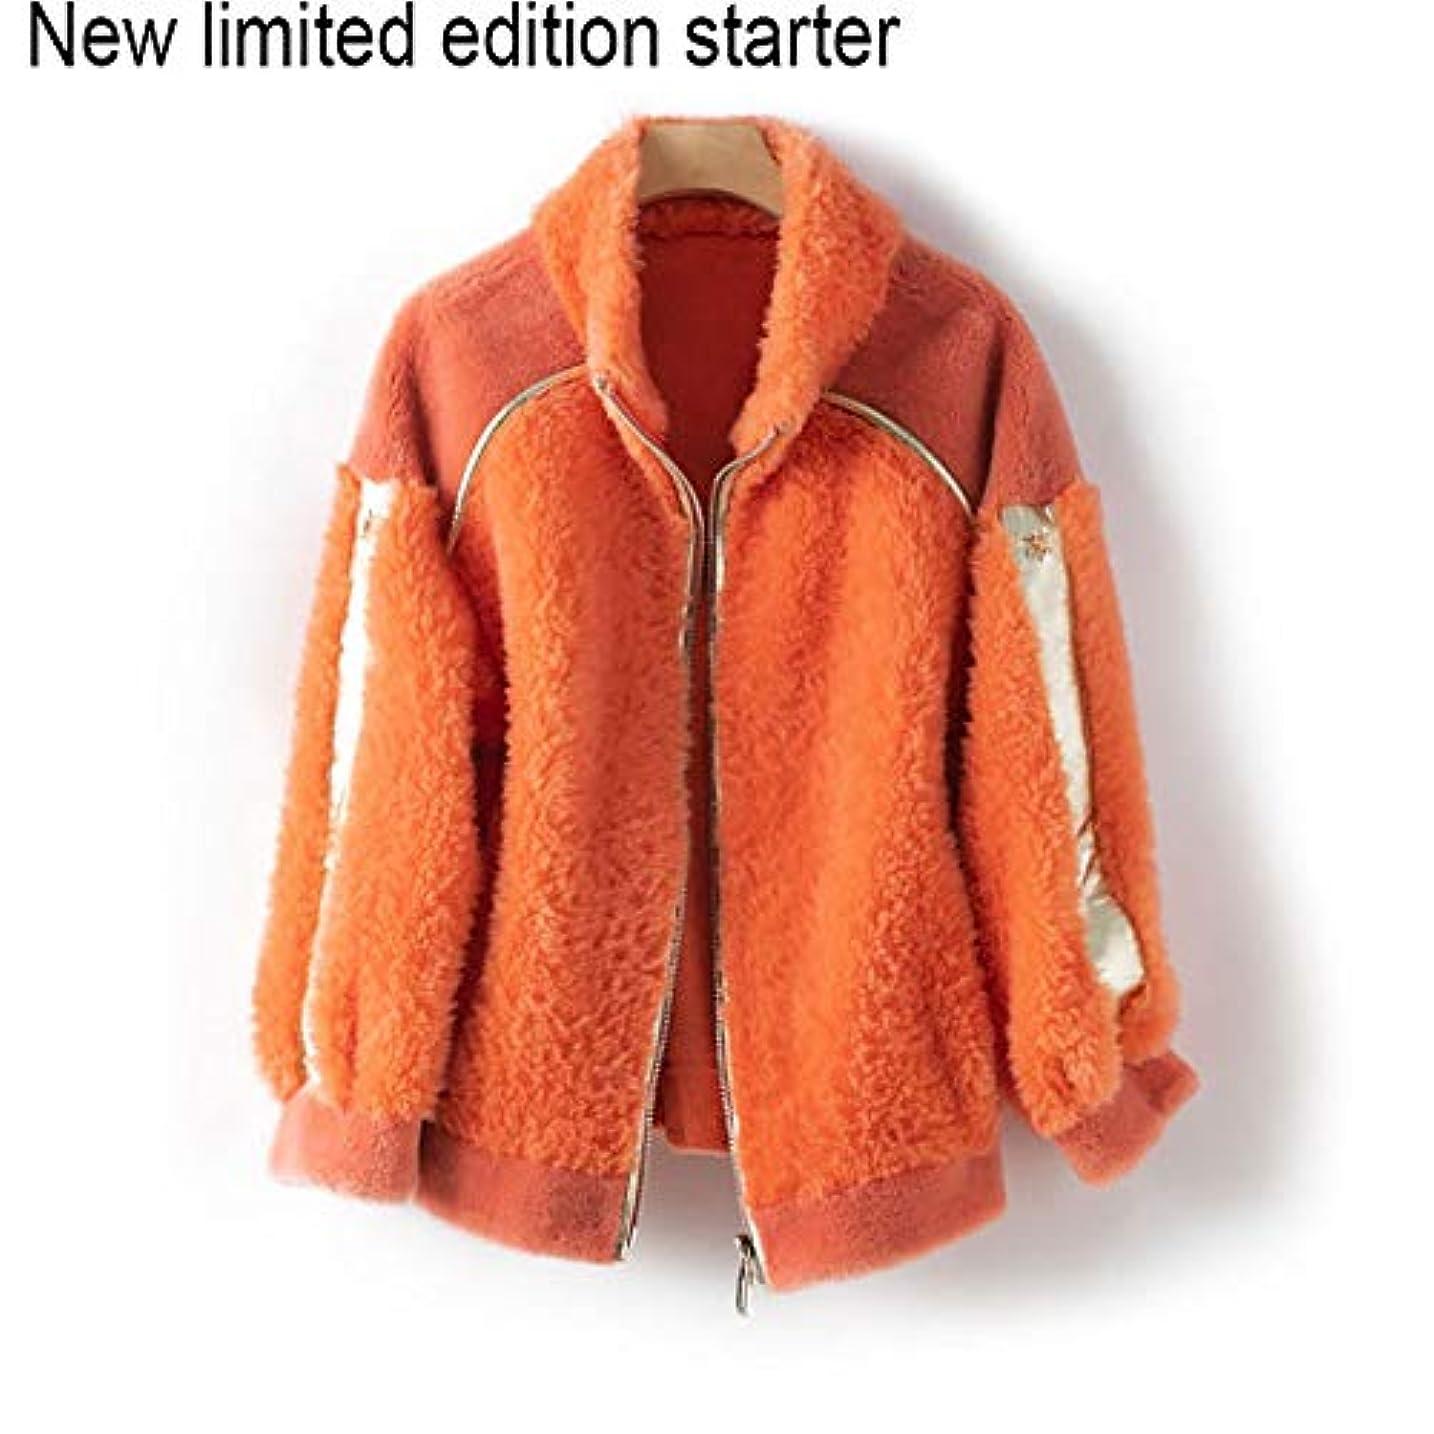 パターン無効にする化学ウールコート、シープスキンコート19秋冬用シープシアードコートウィメンズロングブレザーコートウィメンズジョイフルウィンタージャケットコート,オレンジ色,S